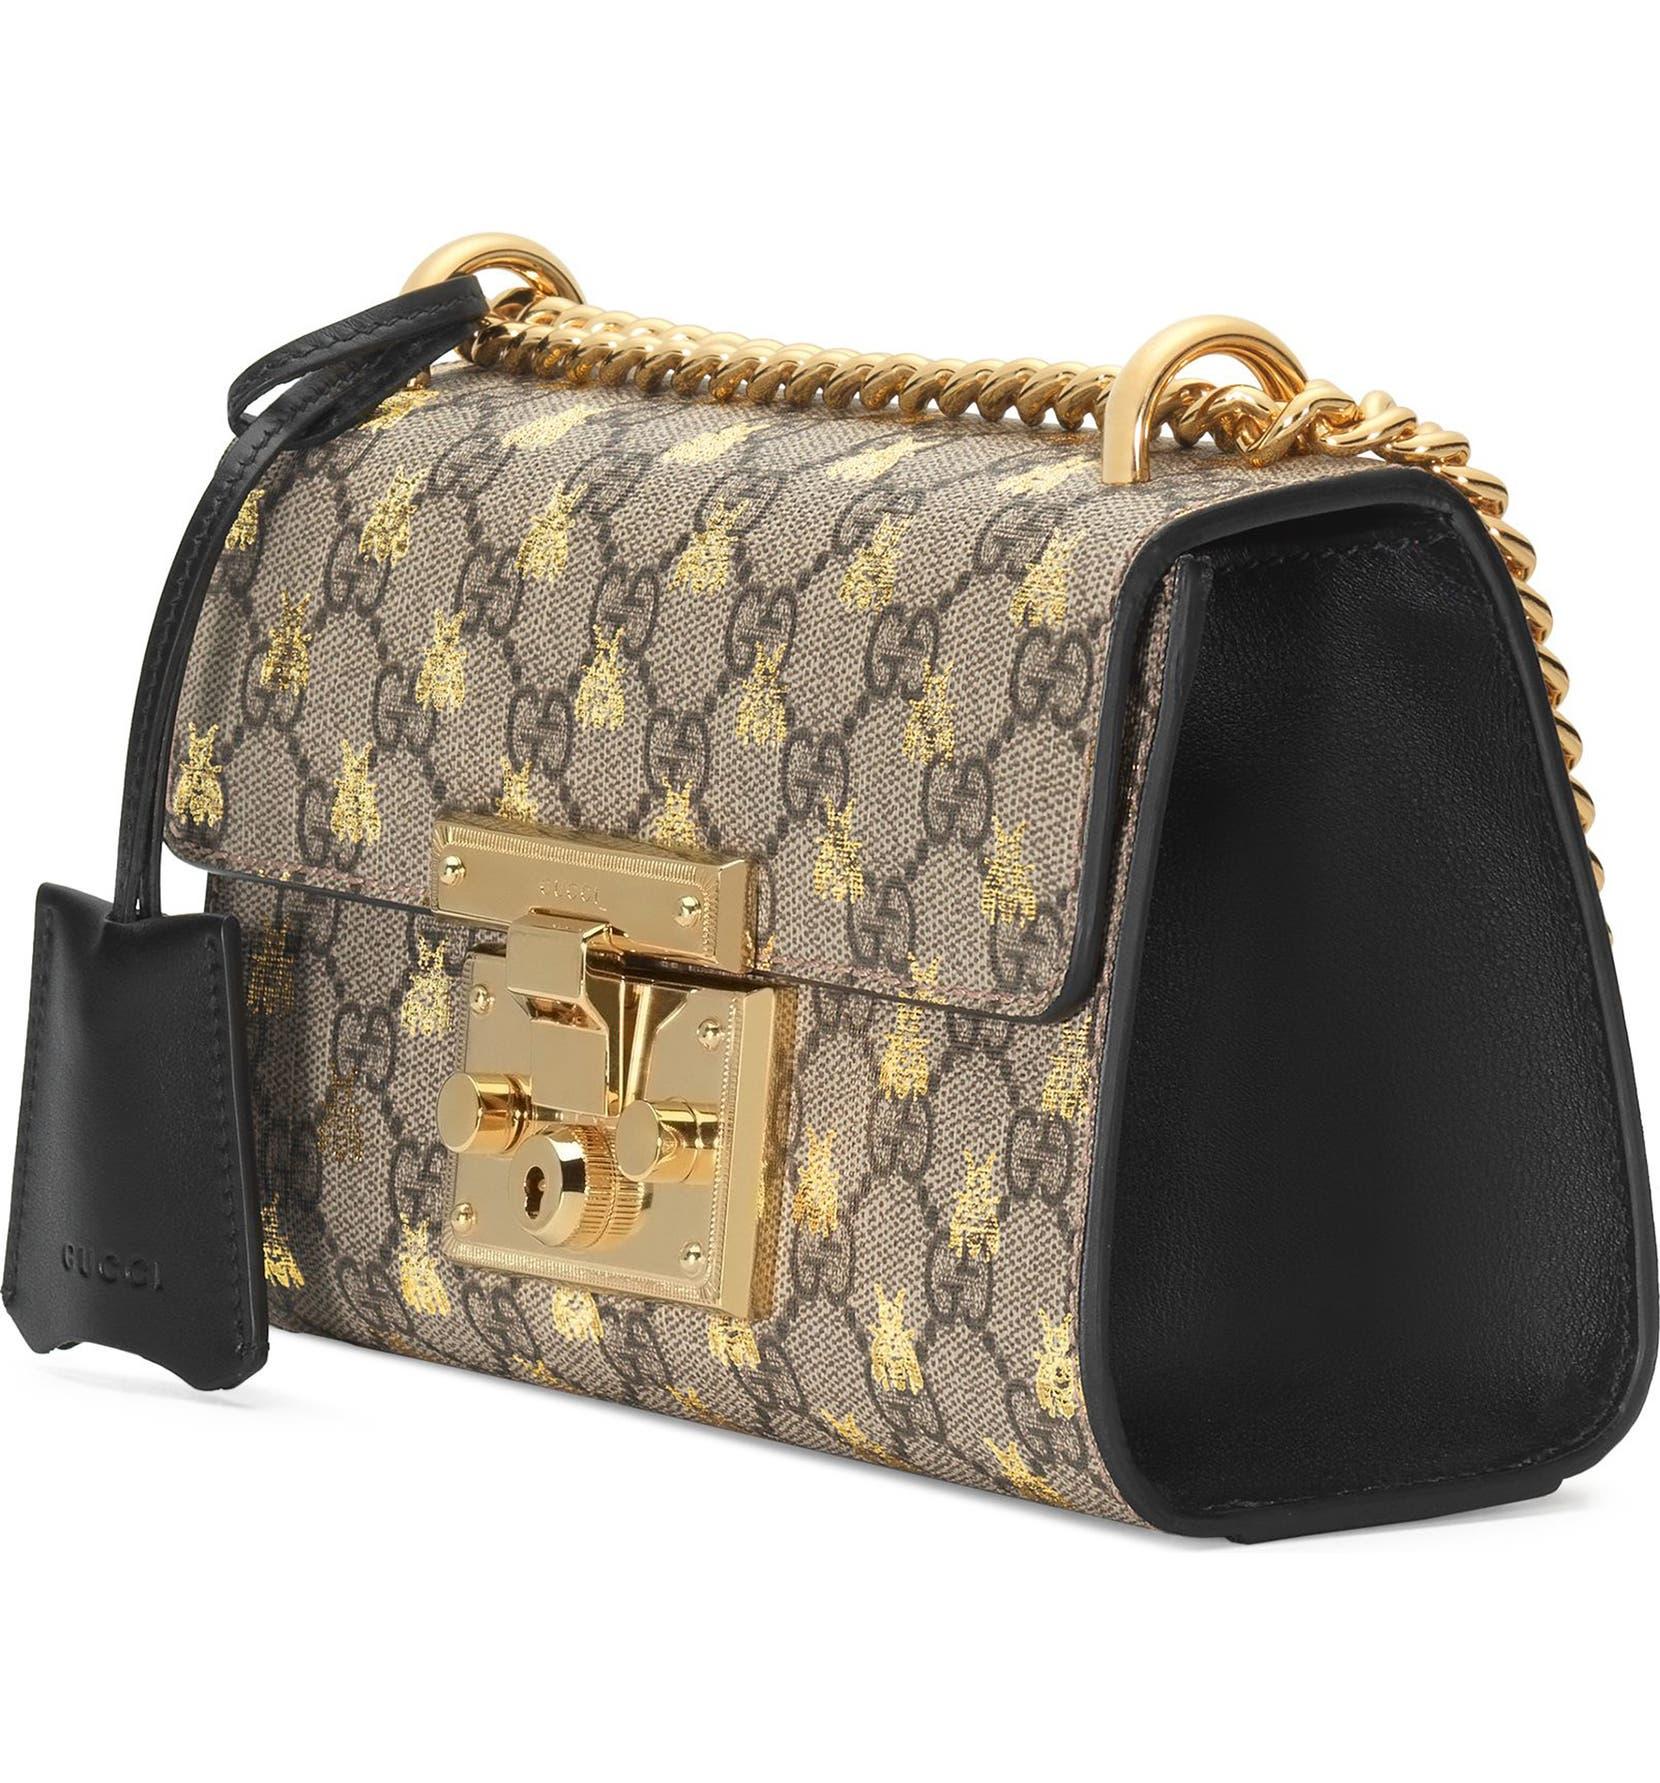 8a3279d59d2b Gucci Small Padlock GG Supreme Bee Shoulder Bag | Nordstrom